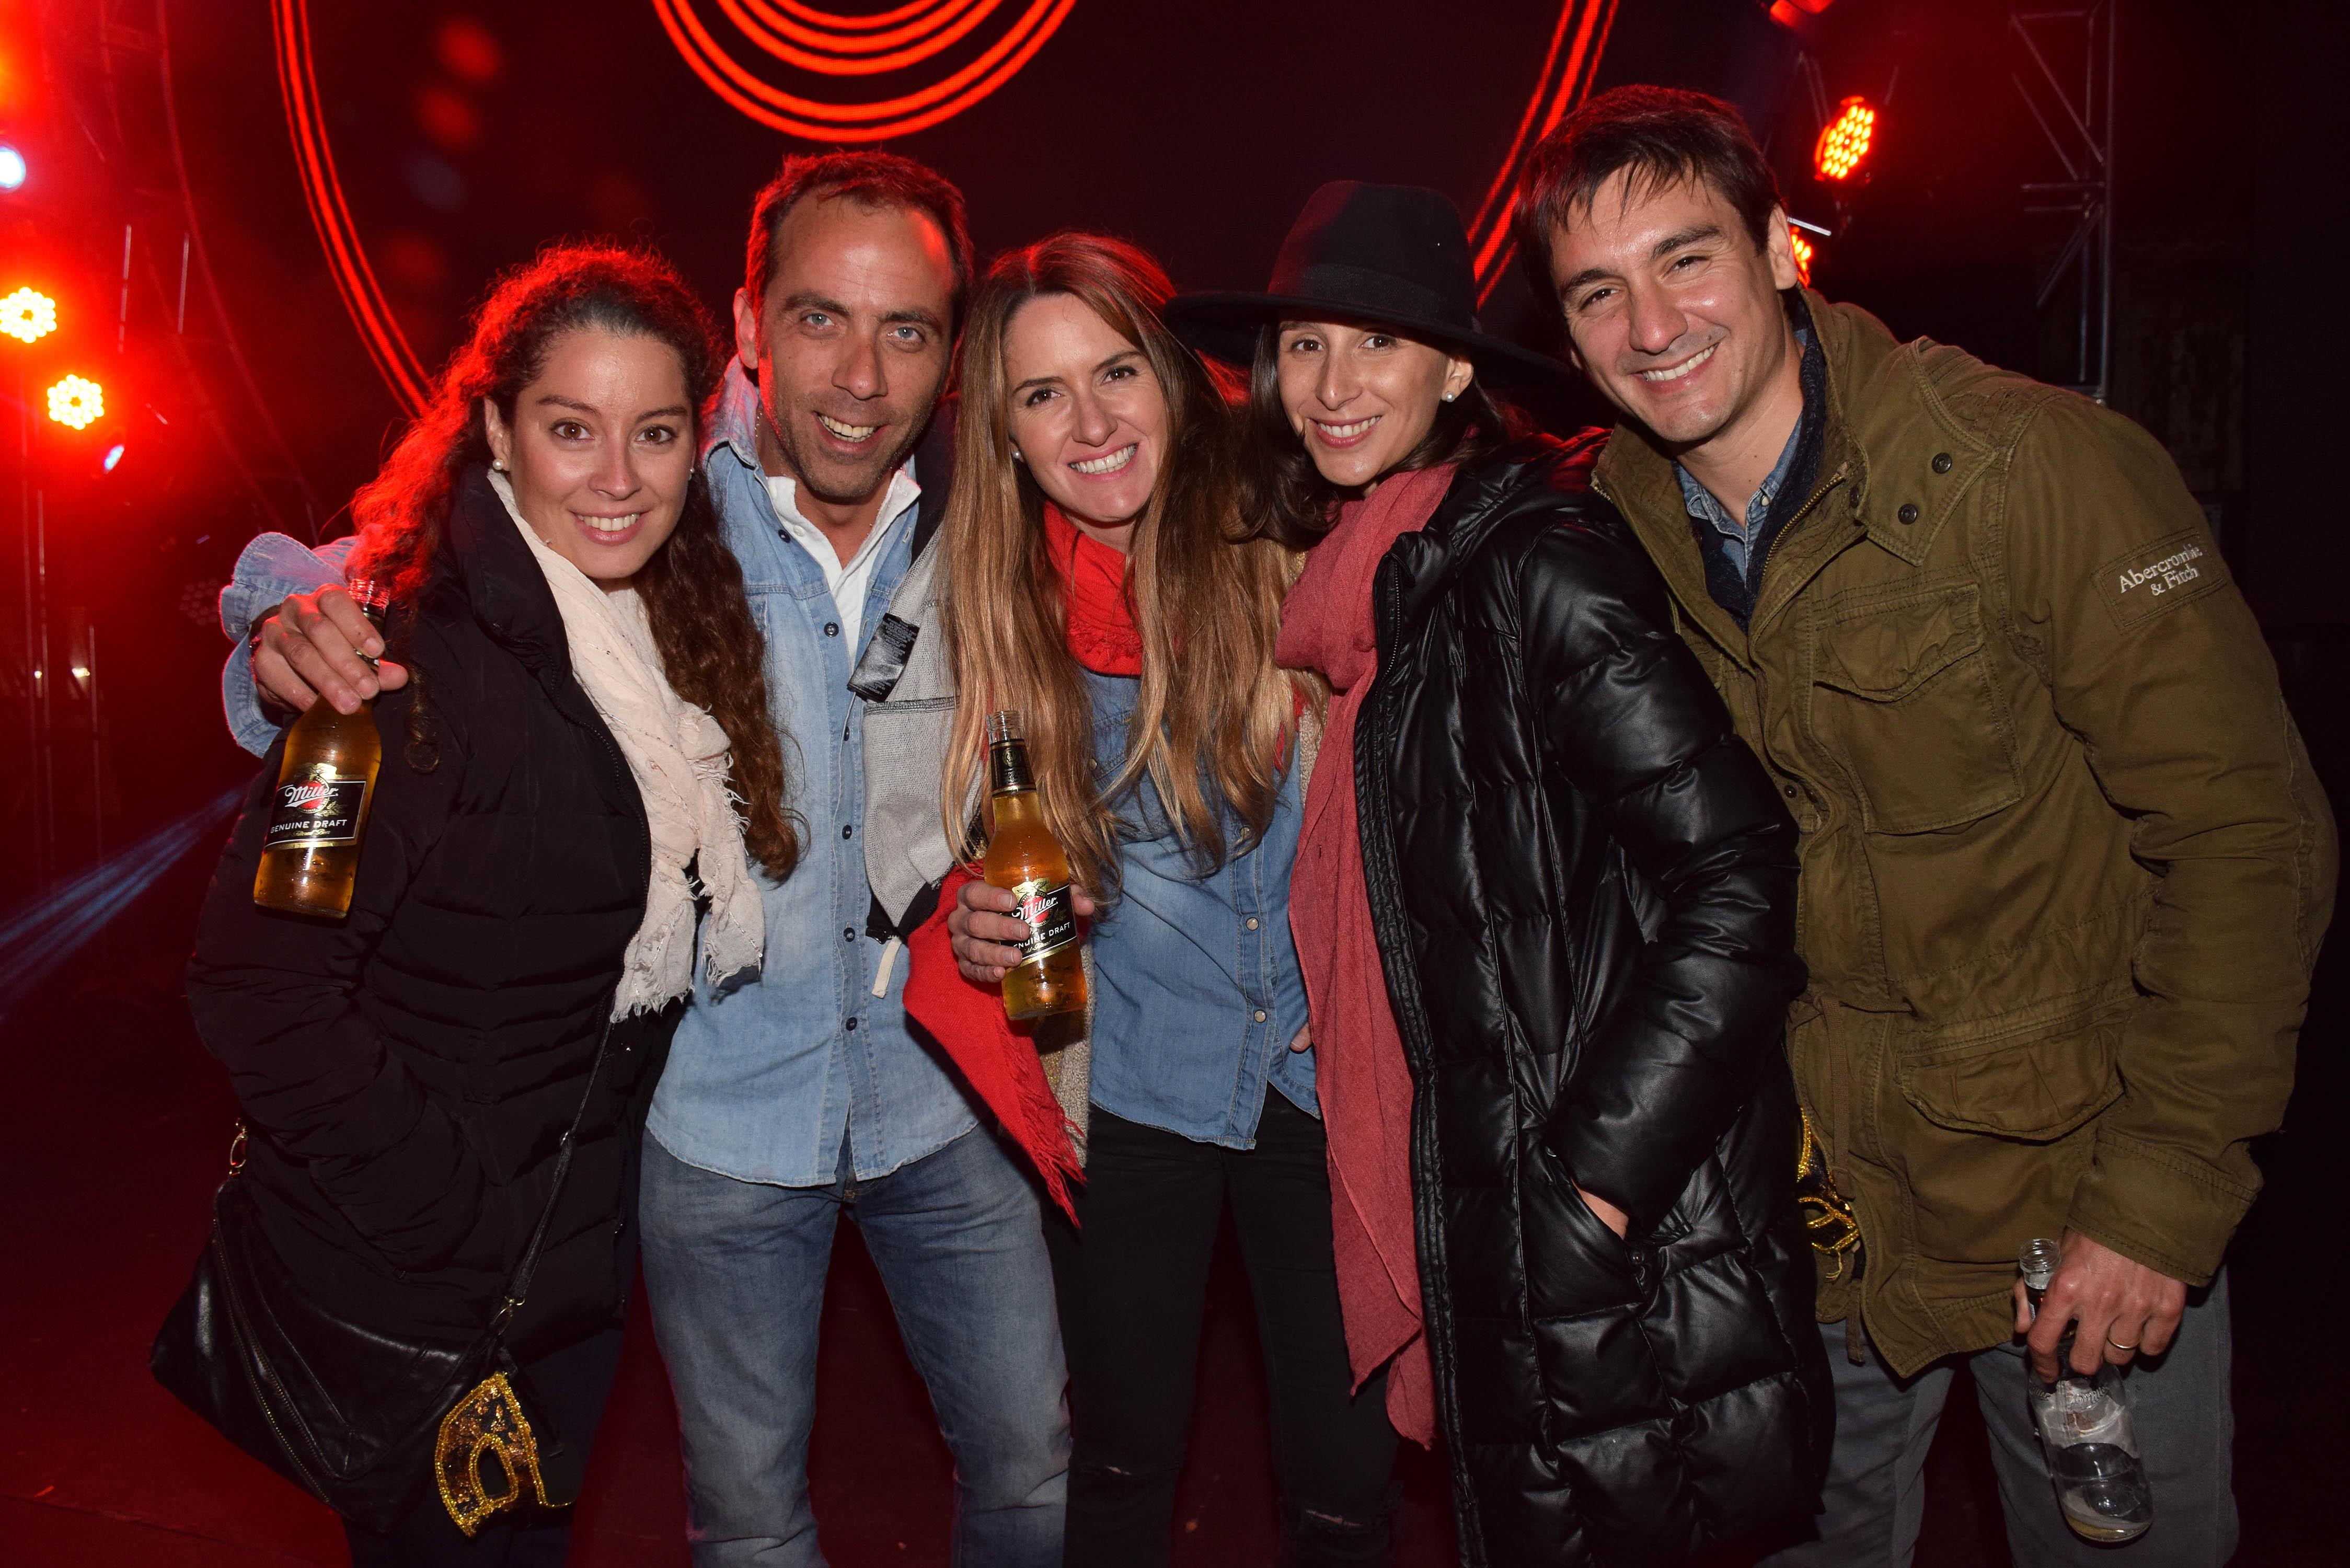 Constanza San Martín, Diego Fuenzalida, Andrea Pesce, Camila Silva y Jorge Talbot